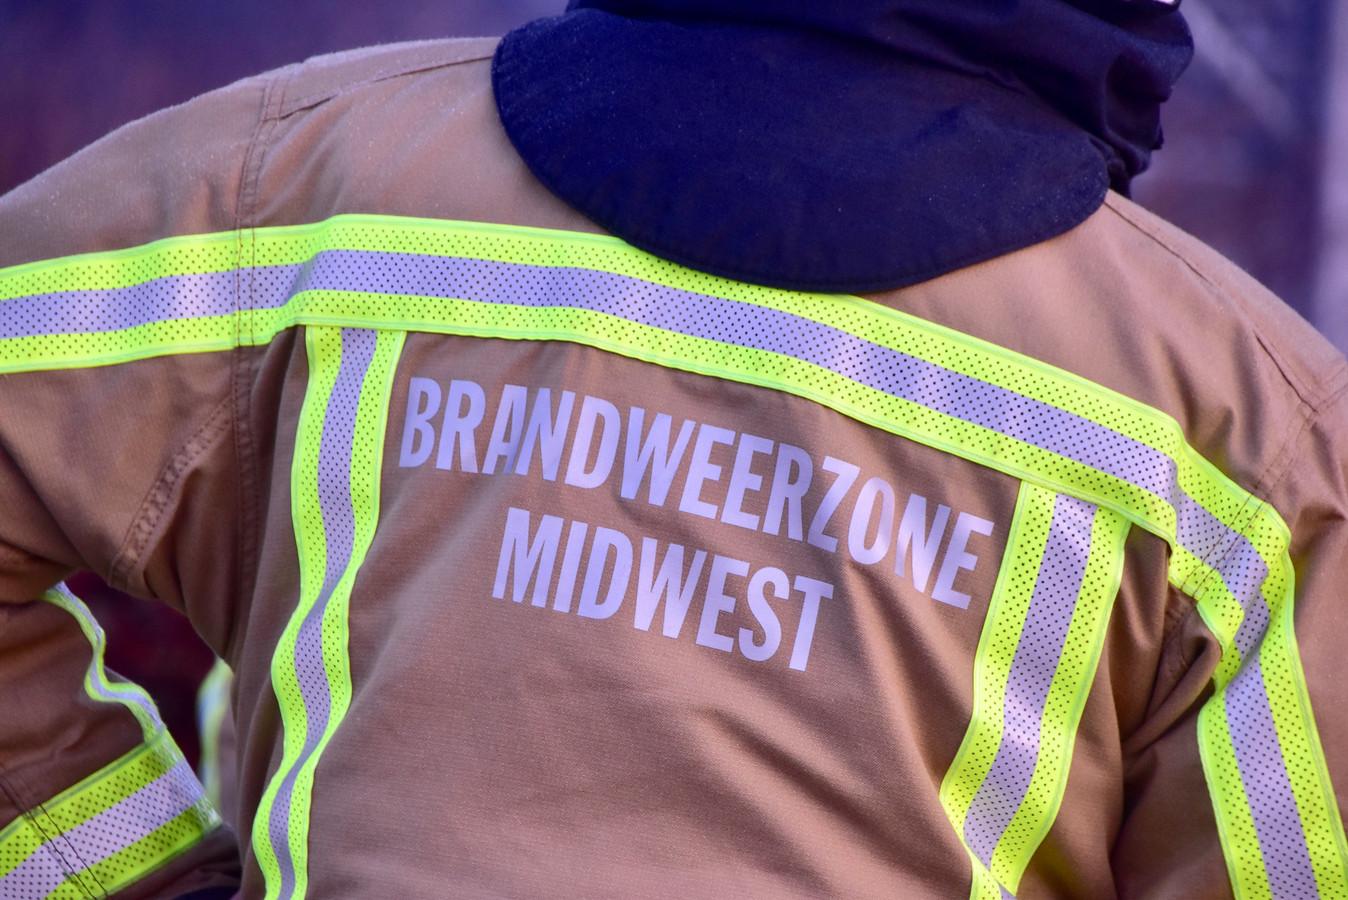 De brandweer van de zone Midwest stuurde een team naar Luik om er water te helpen wegpompen, na de zondvloed waarmee de ruime regio er geconfronteerd wordt.